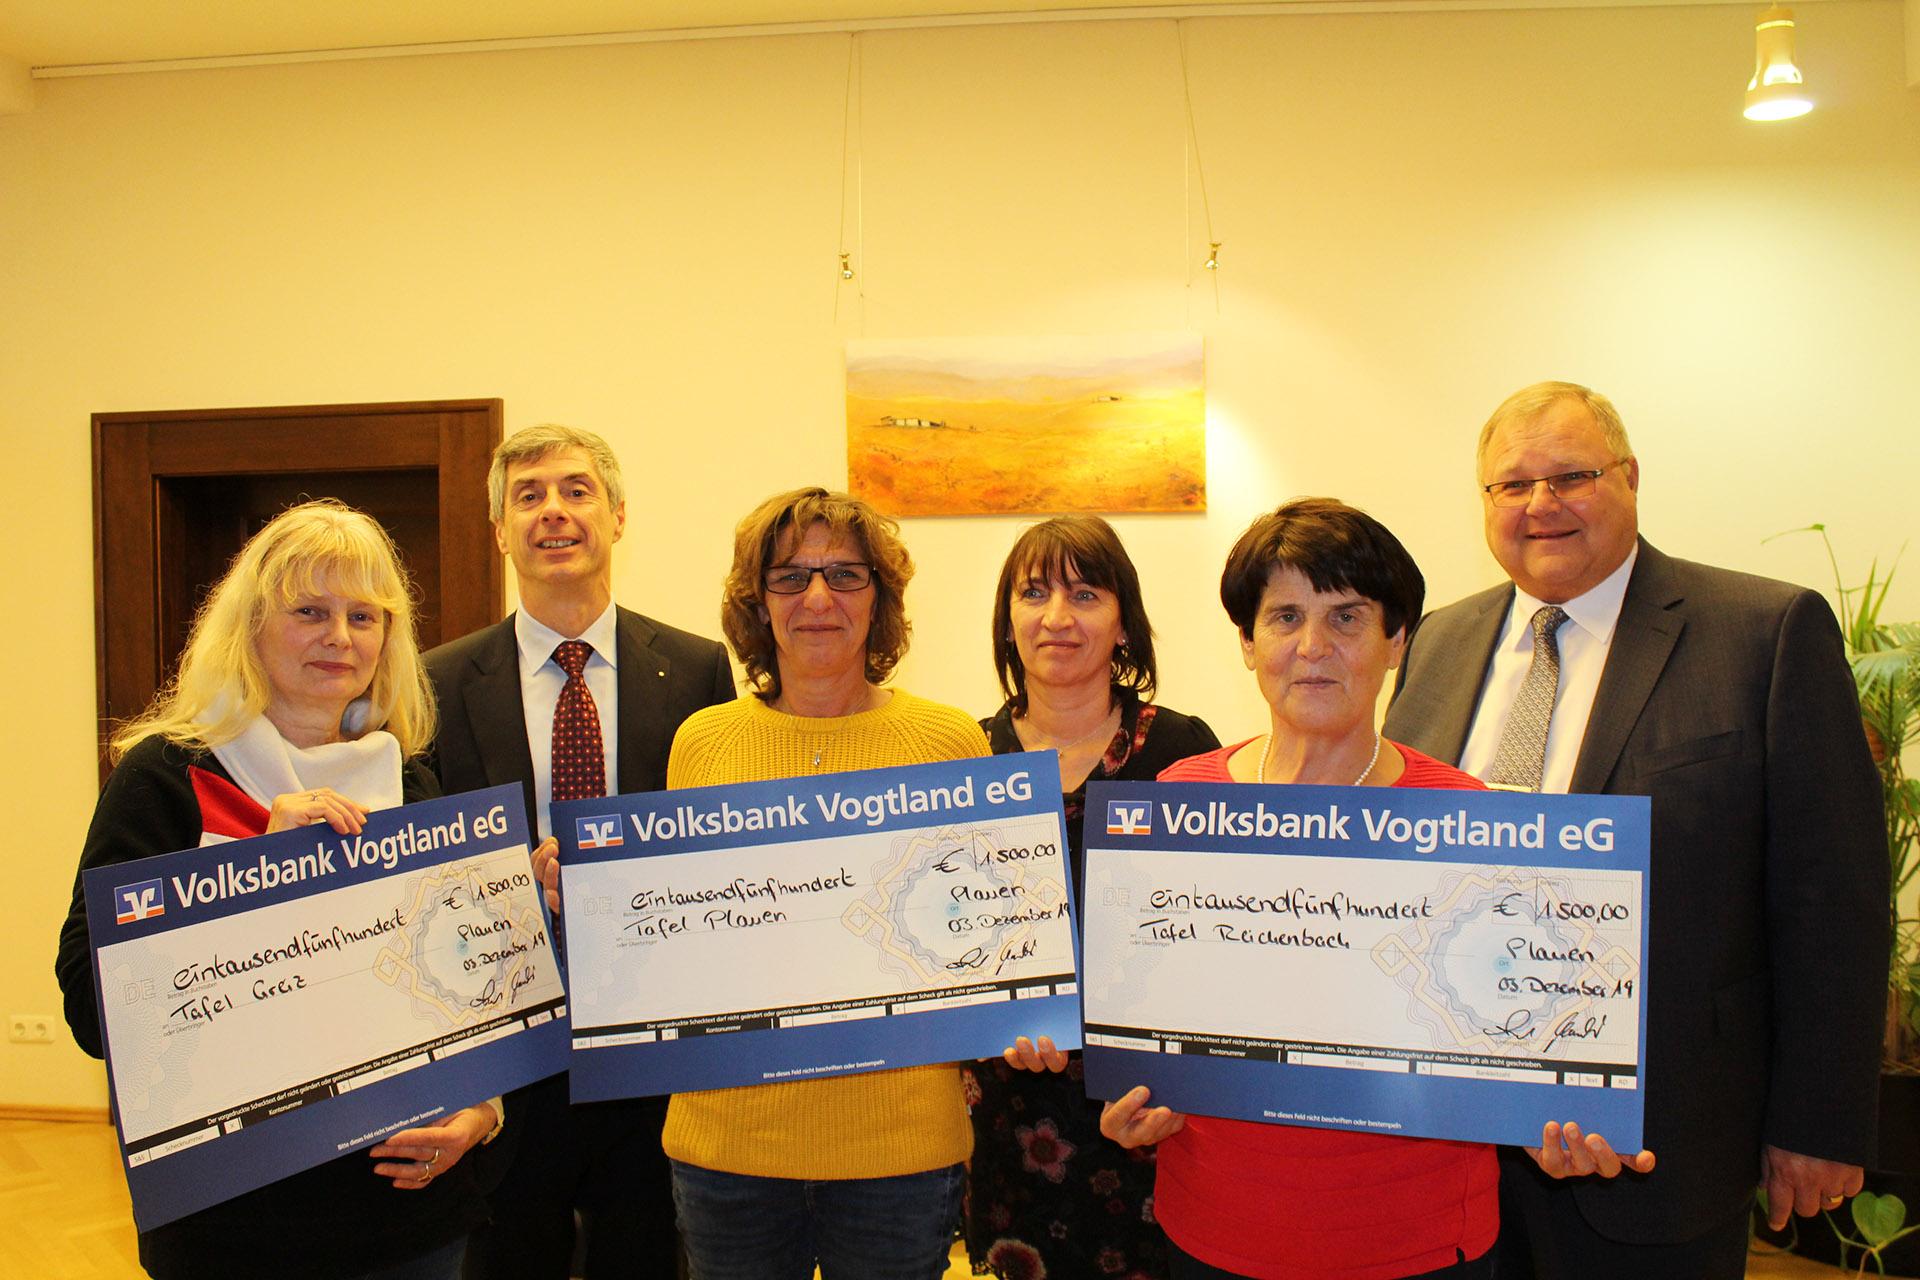 Volksbank Vogtland eG spendet an vogtländische Tafeln